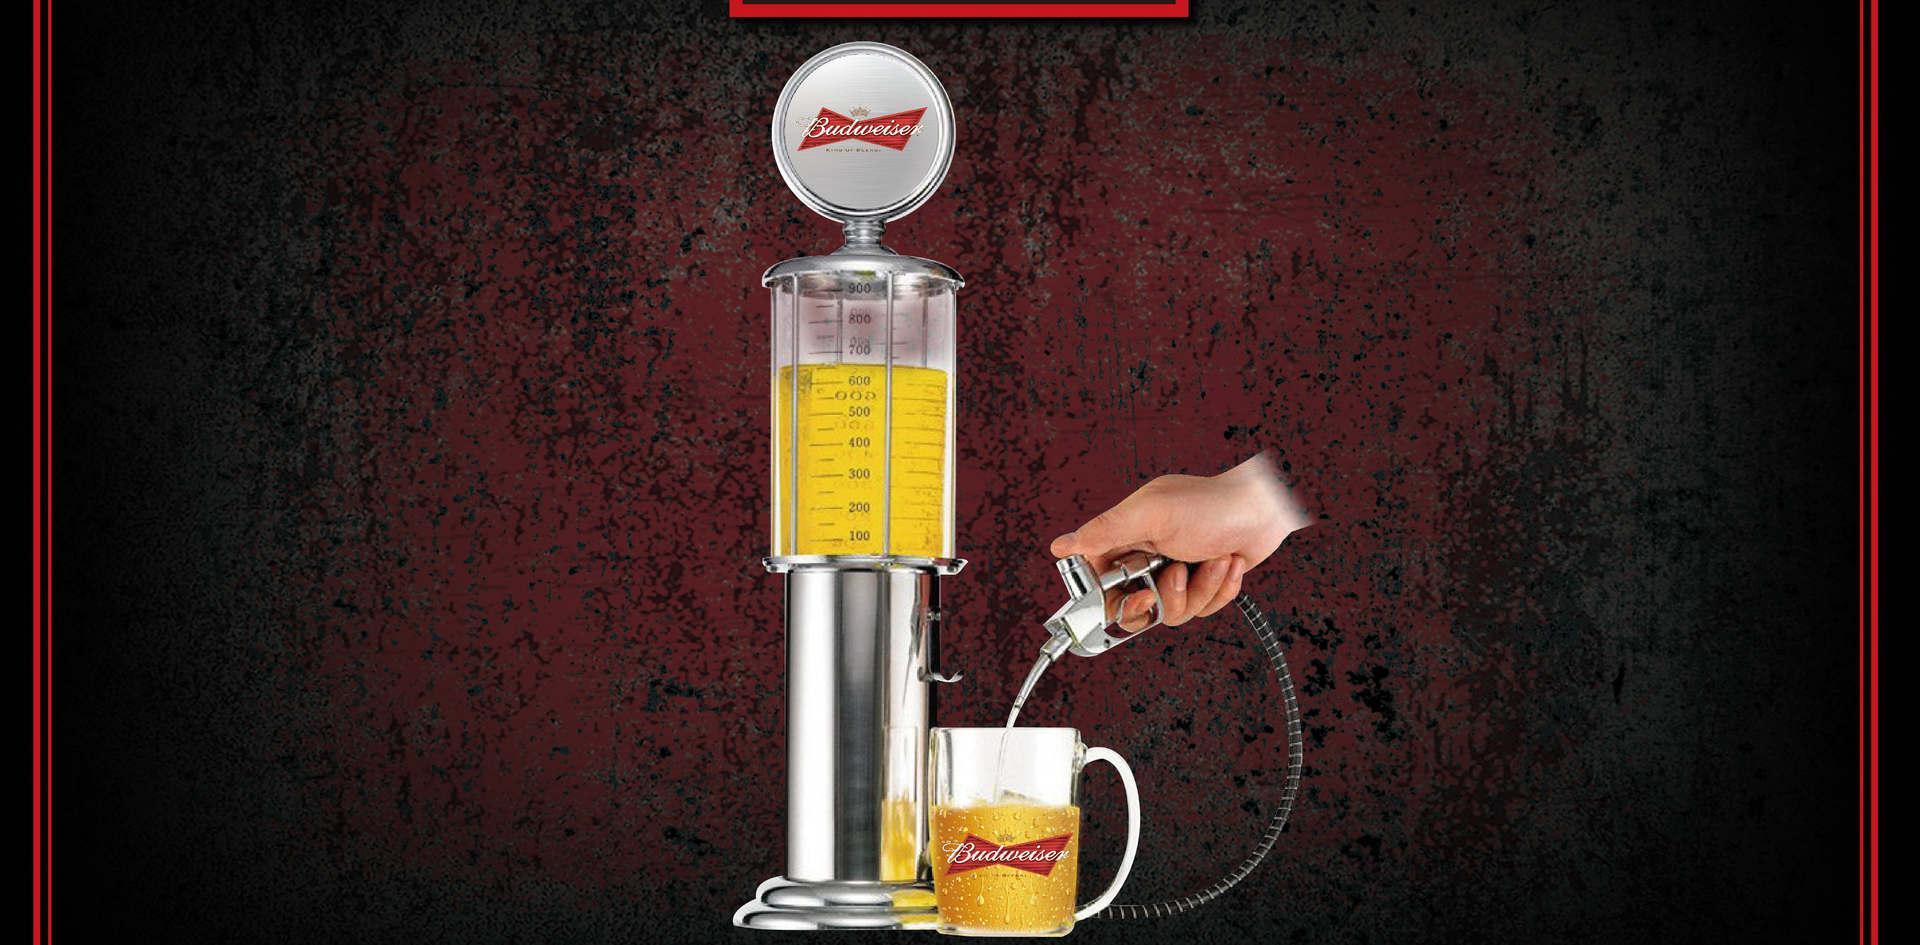 百威啤酒(BUDWEISER)桌遊-迷你加油站設計.jpg